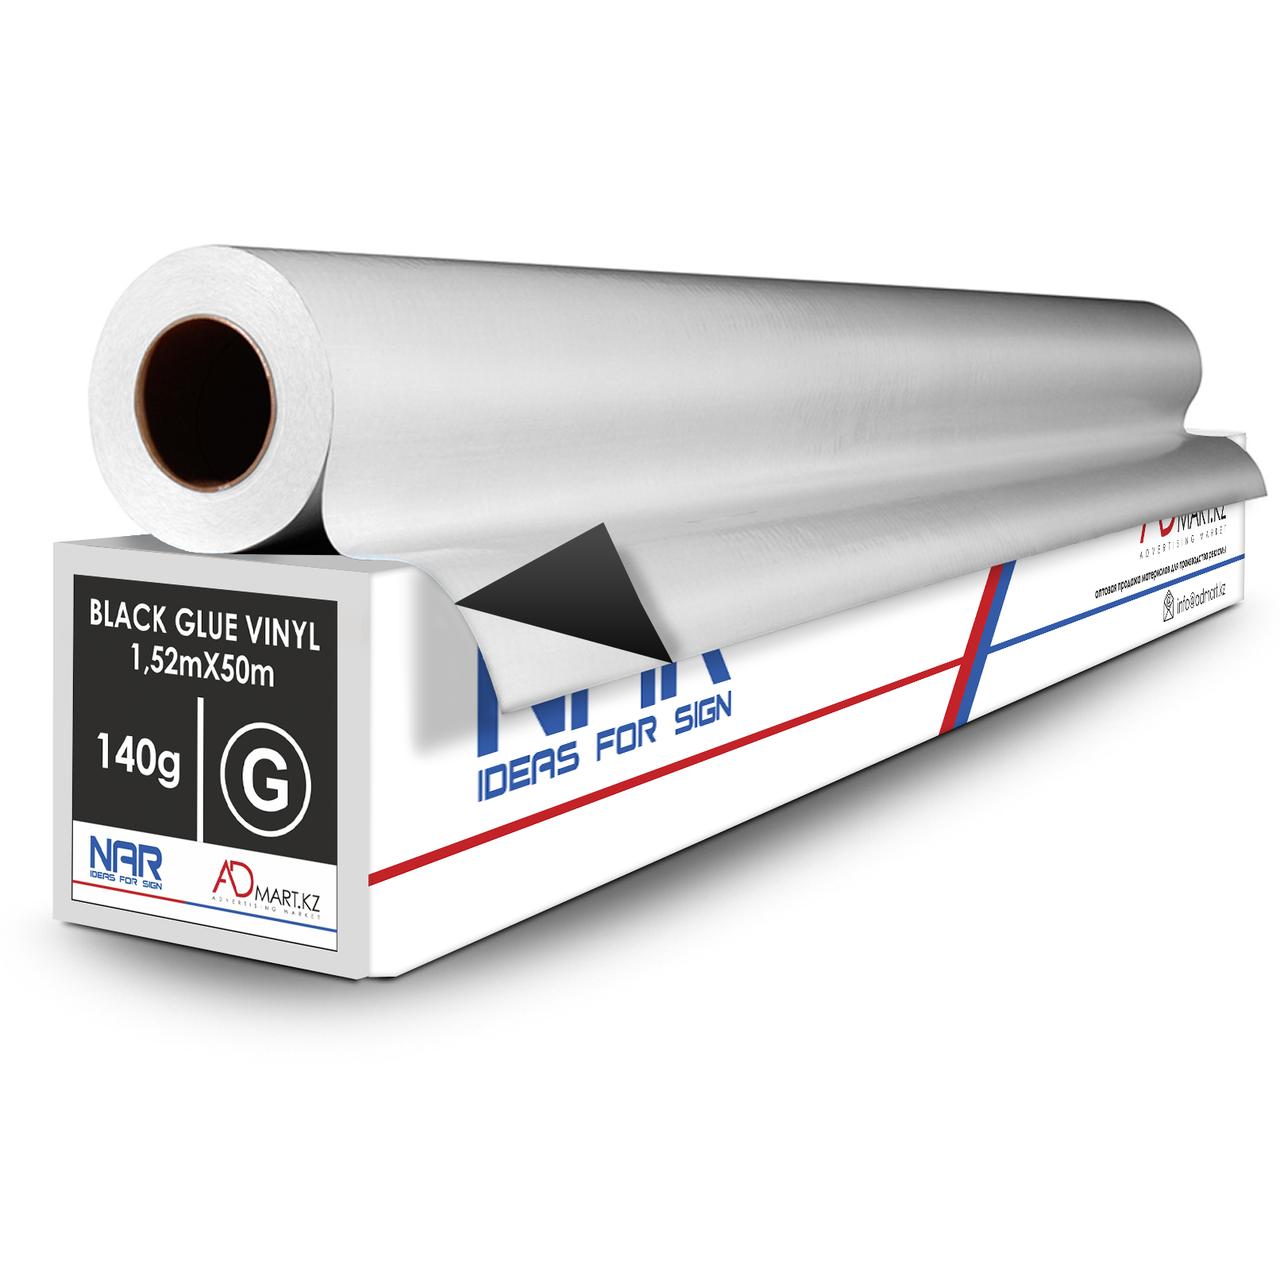 Светоблокирующая пленка с черным клеевым слоем Black out NAR (140гр.) 1,52мХ50м